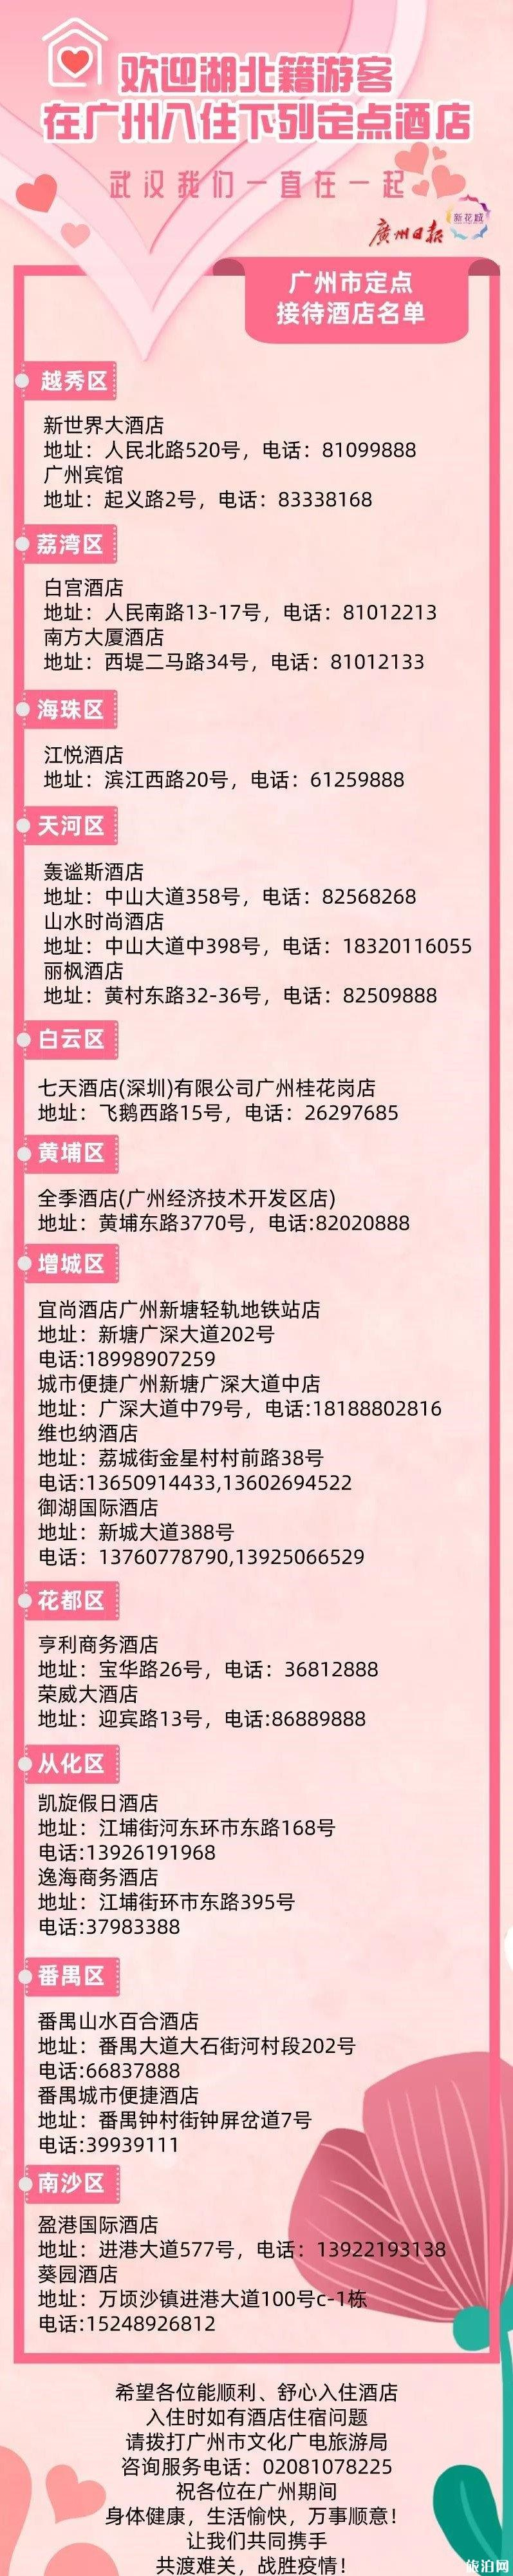 廣州集中隔離酒店名單 哪些人需要隔離